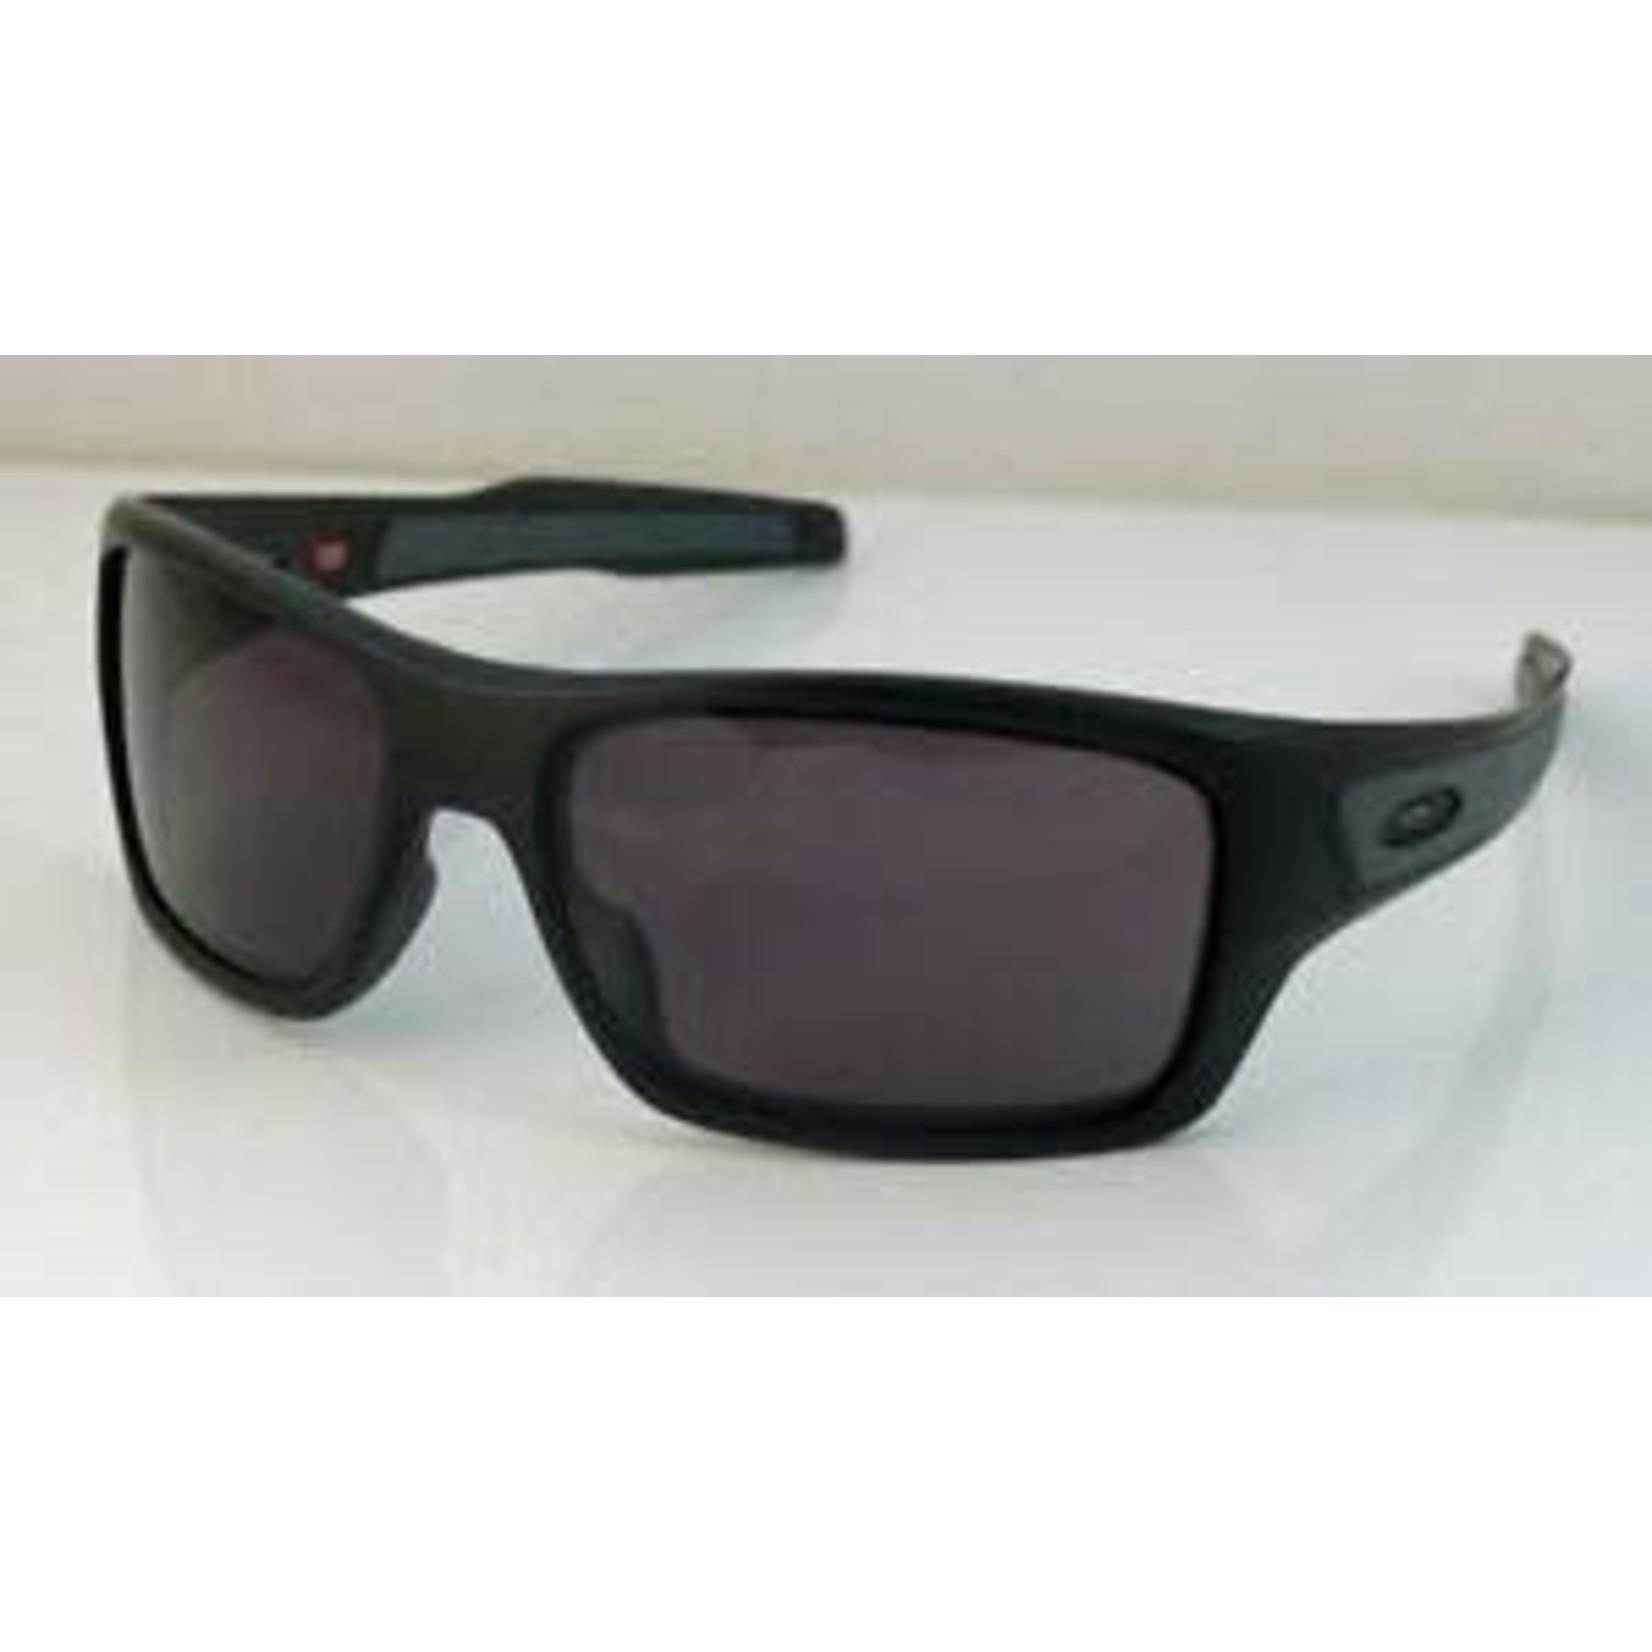 Oakley Oakley Men's Sunglasses-Turbine-Frame- Matte Black- Lens: Warm Grey